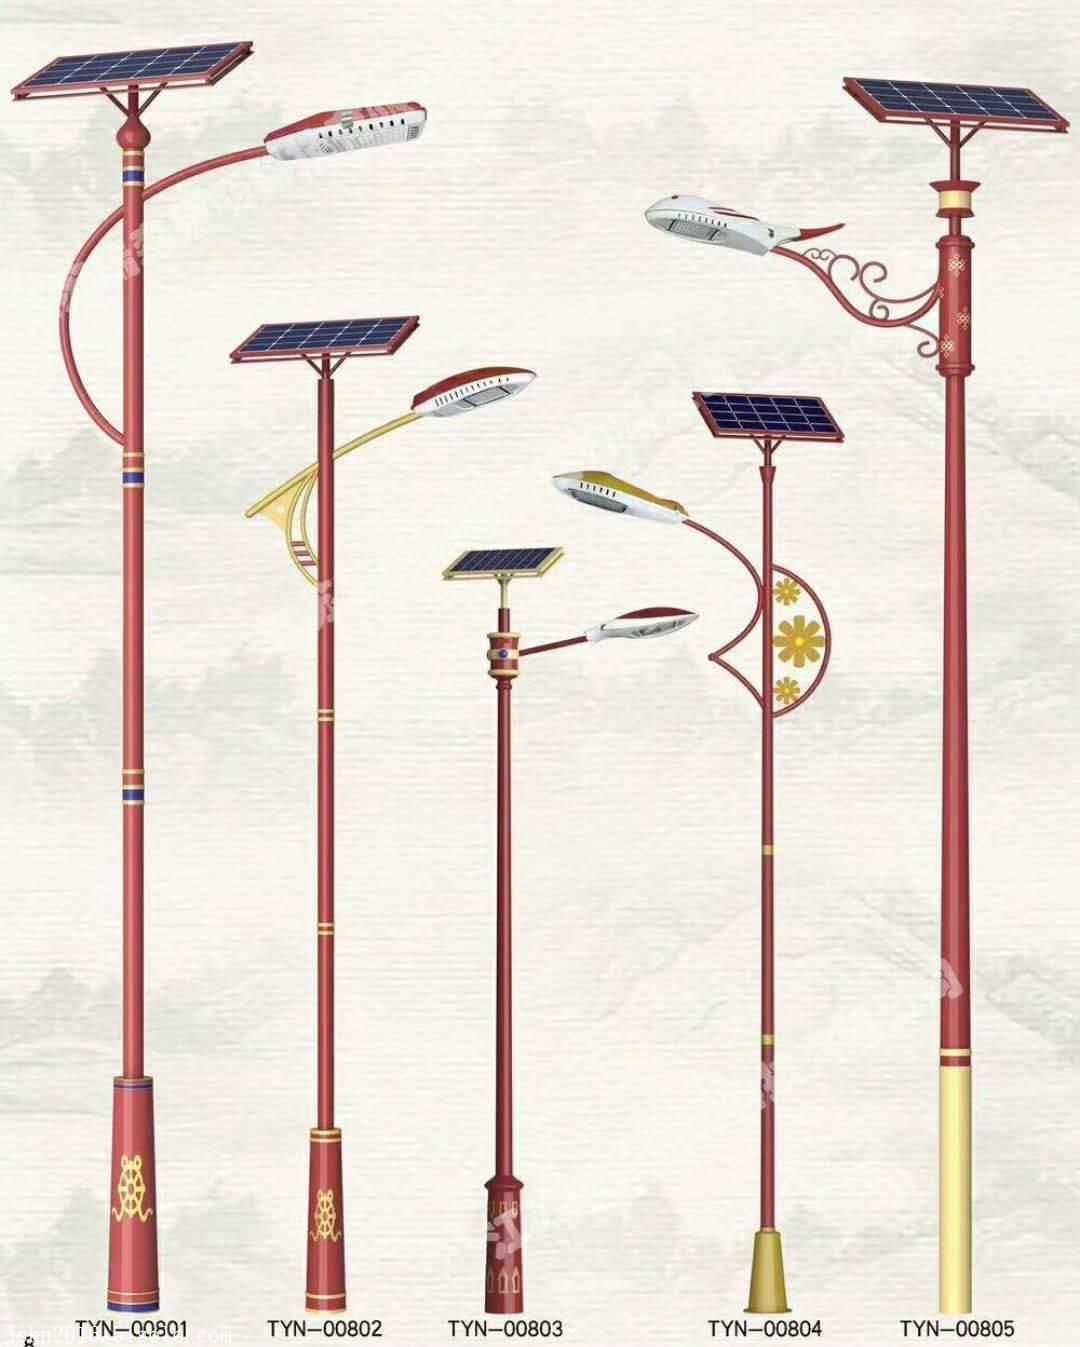 眉山民族风格太阳能路灯 甘孜太阳能路灯厂家 六盘水太阳能路灯